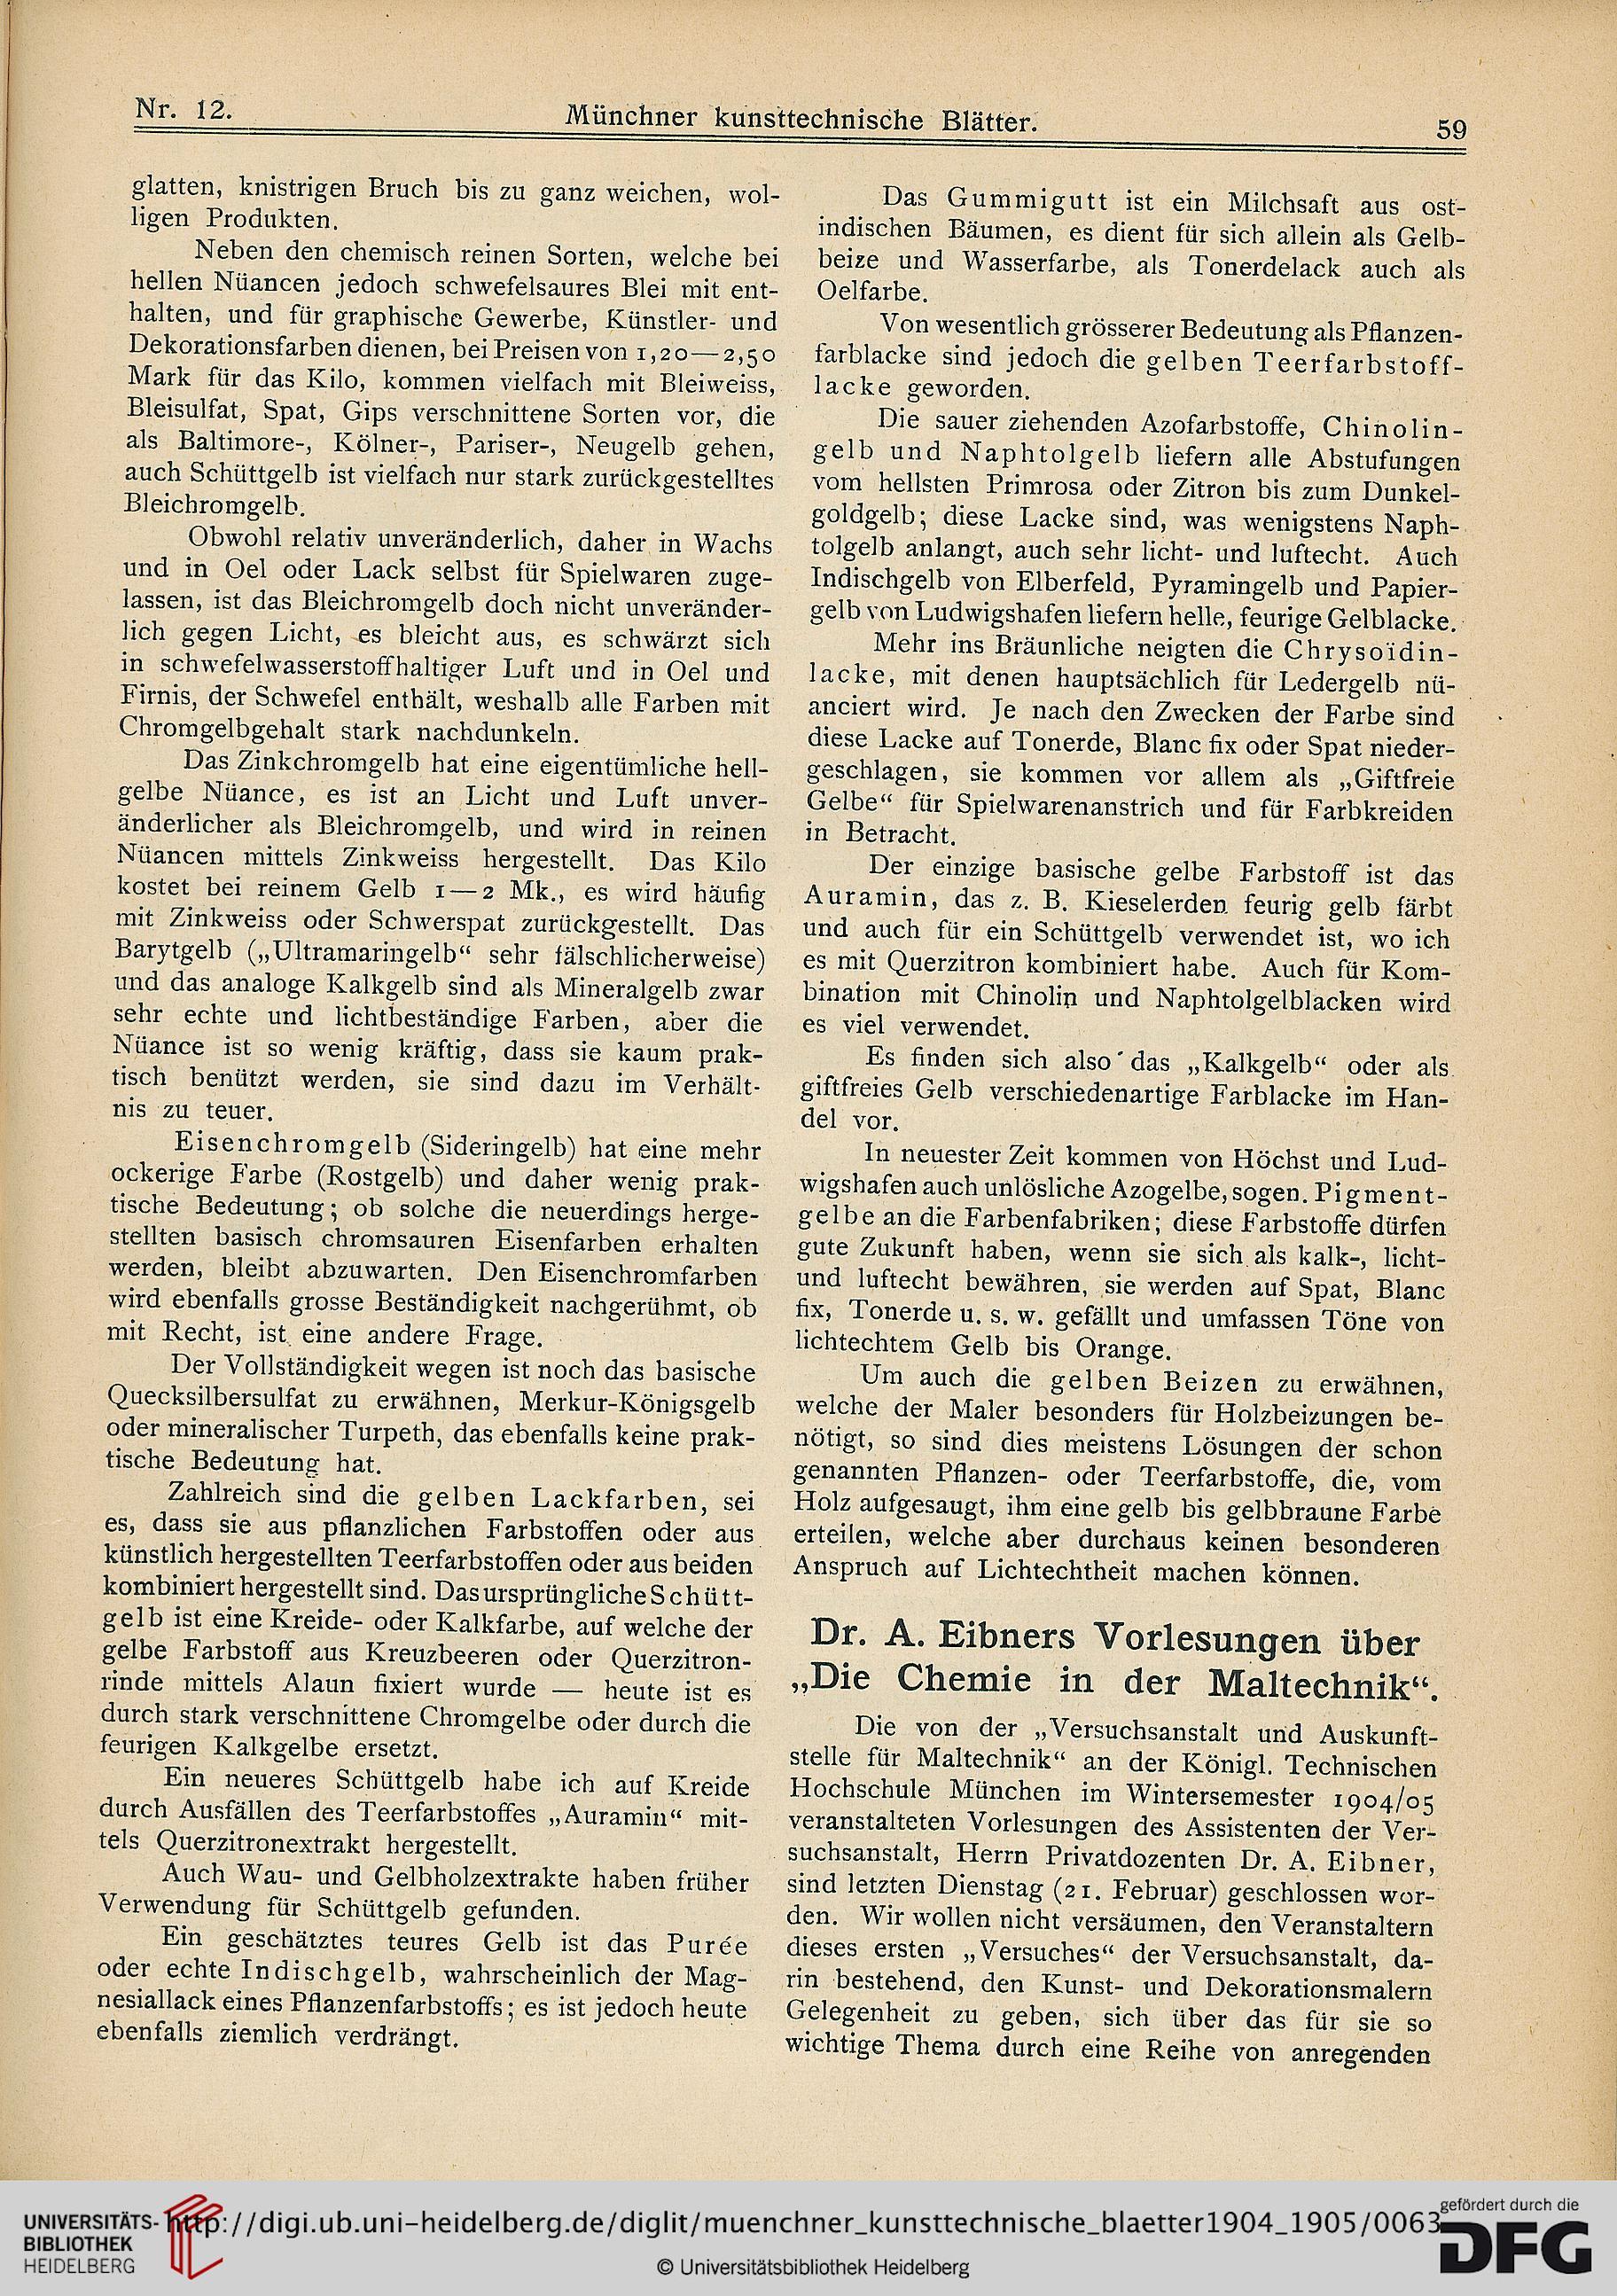 Münchner Kunsttechnische Blätter 11904 1905